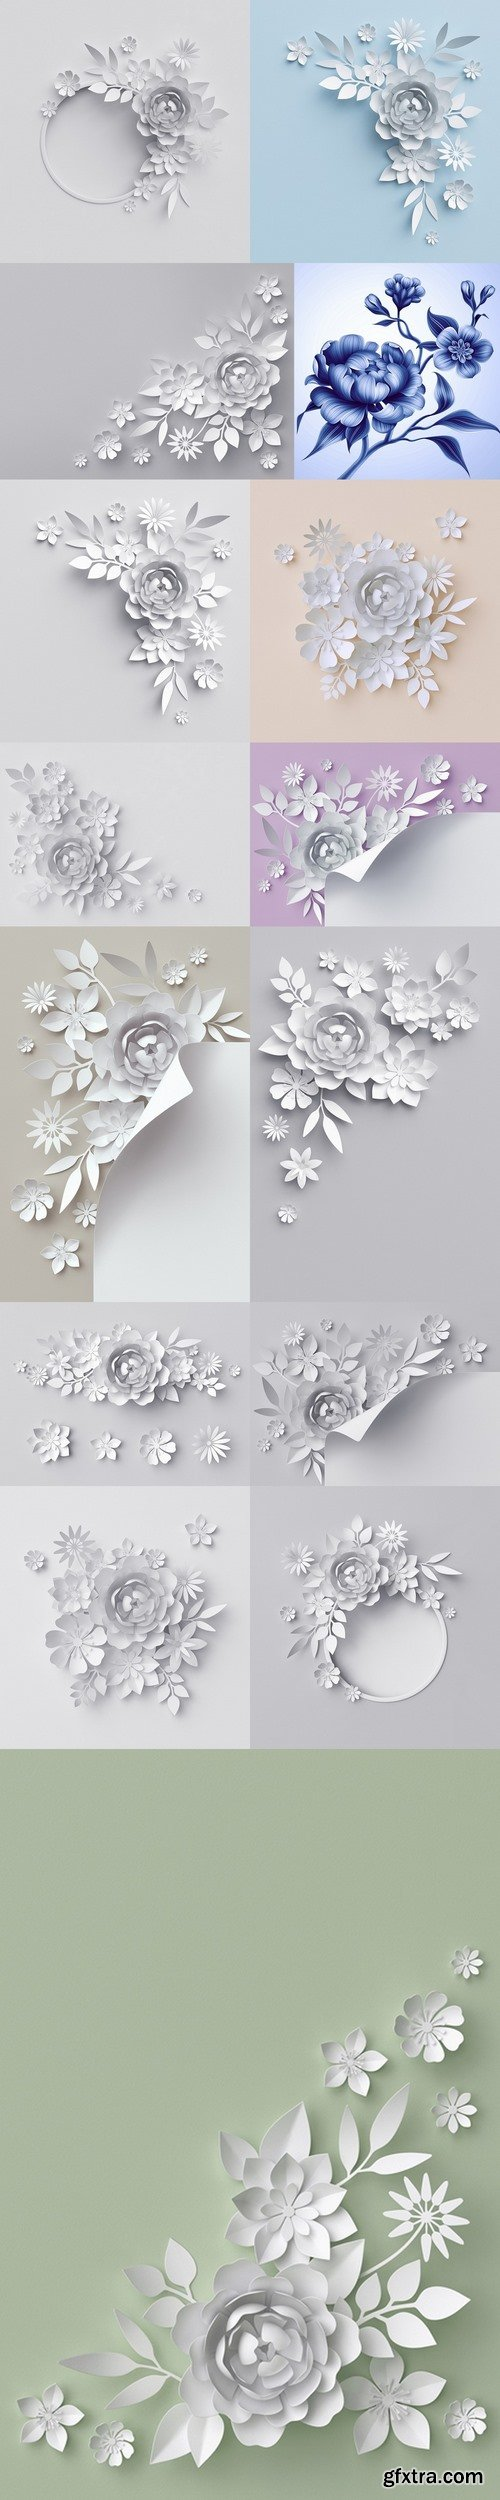 3d render, digital illustration, white paper flowers, floral background 2